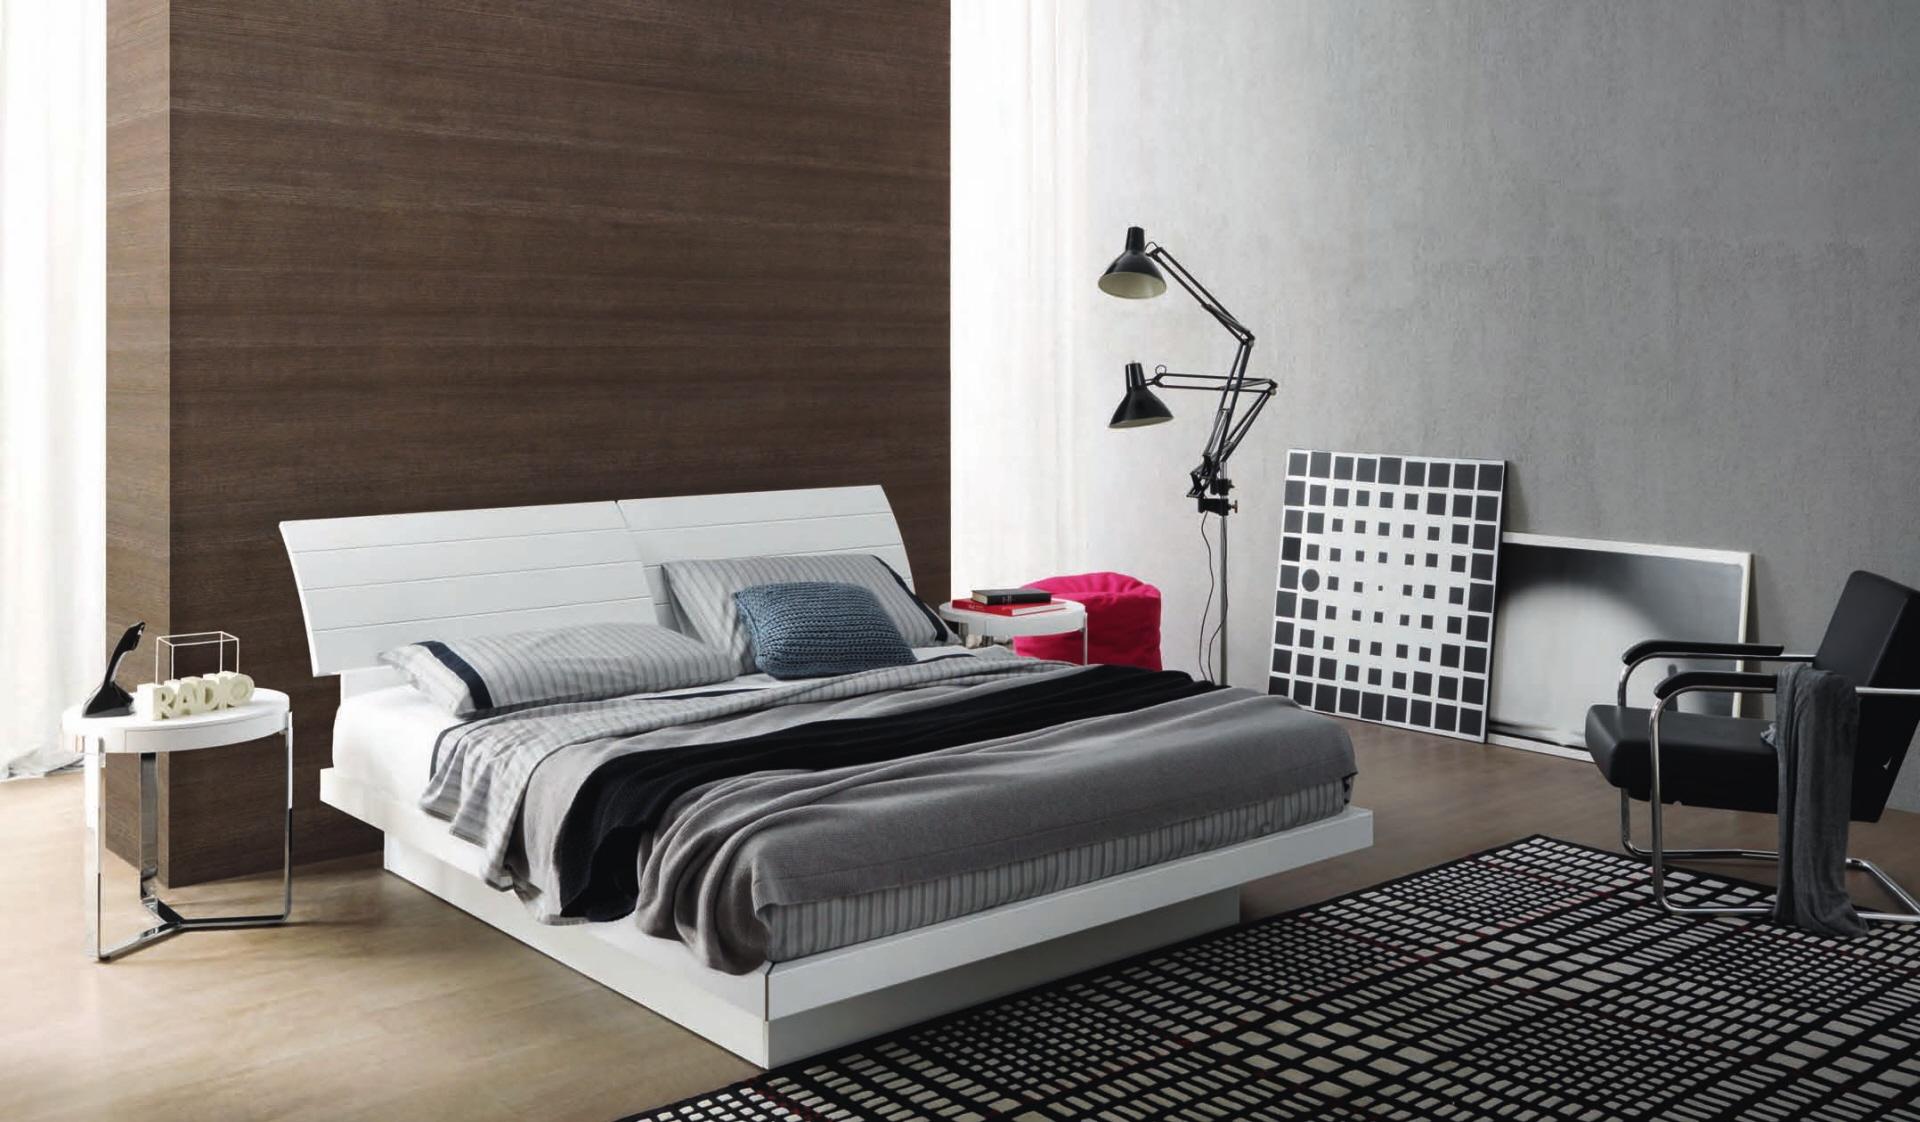 Marchi misuraemme collezioni camere da letto - Marchi camere da letto ...